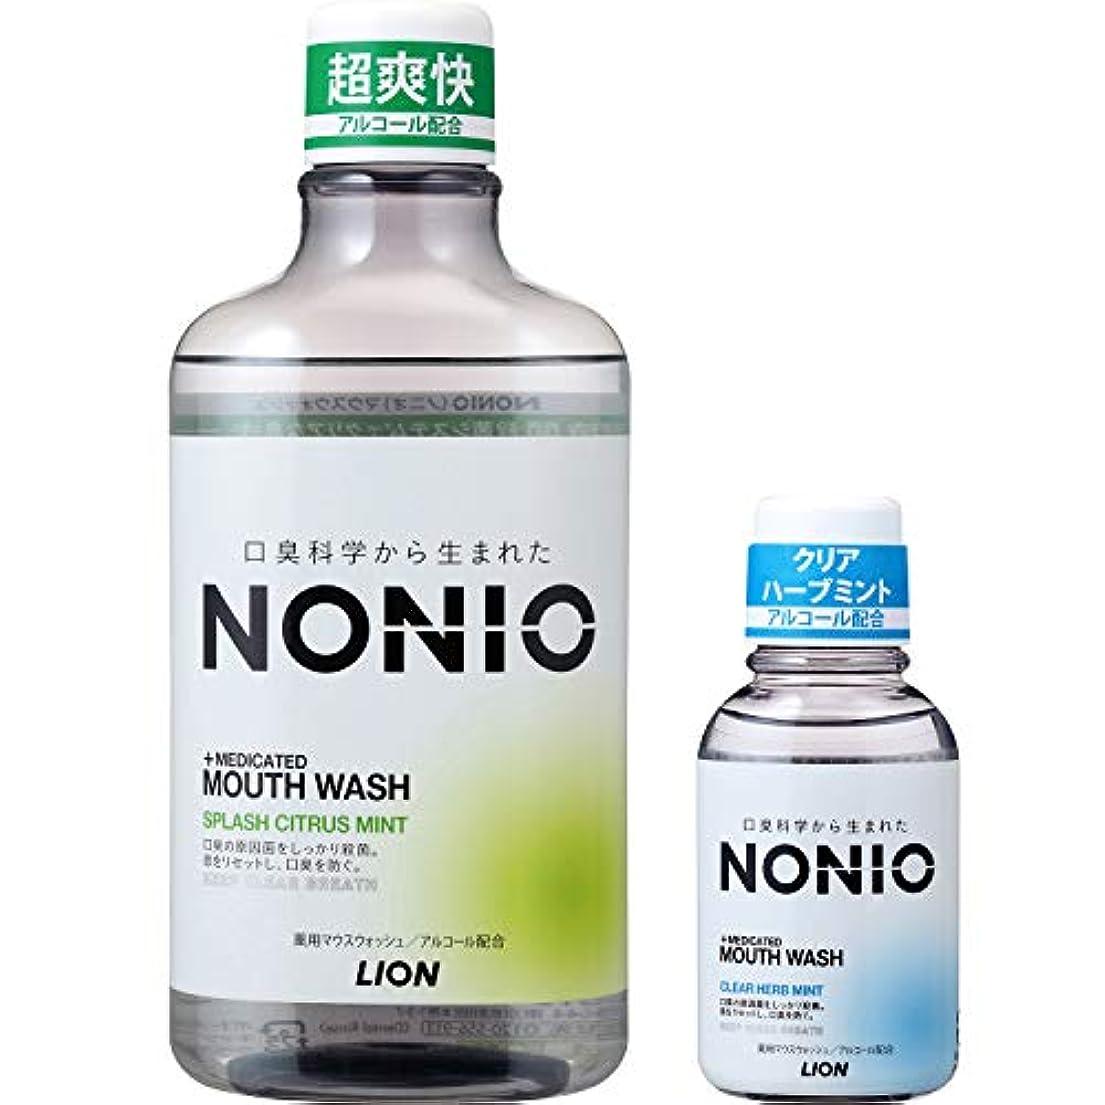 ウール焦がす競う[医薬部外品]NONIO マウスウォッシュ スプラッシュシトラスミント 600ml 洗口液+ミニリンス80ml